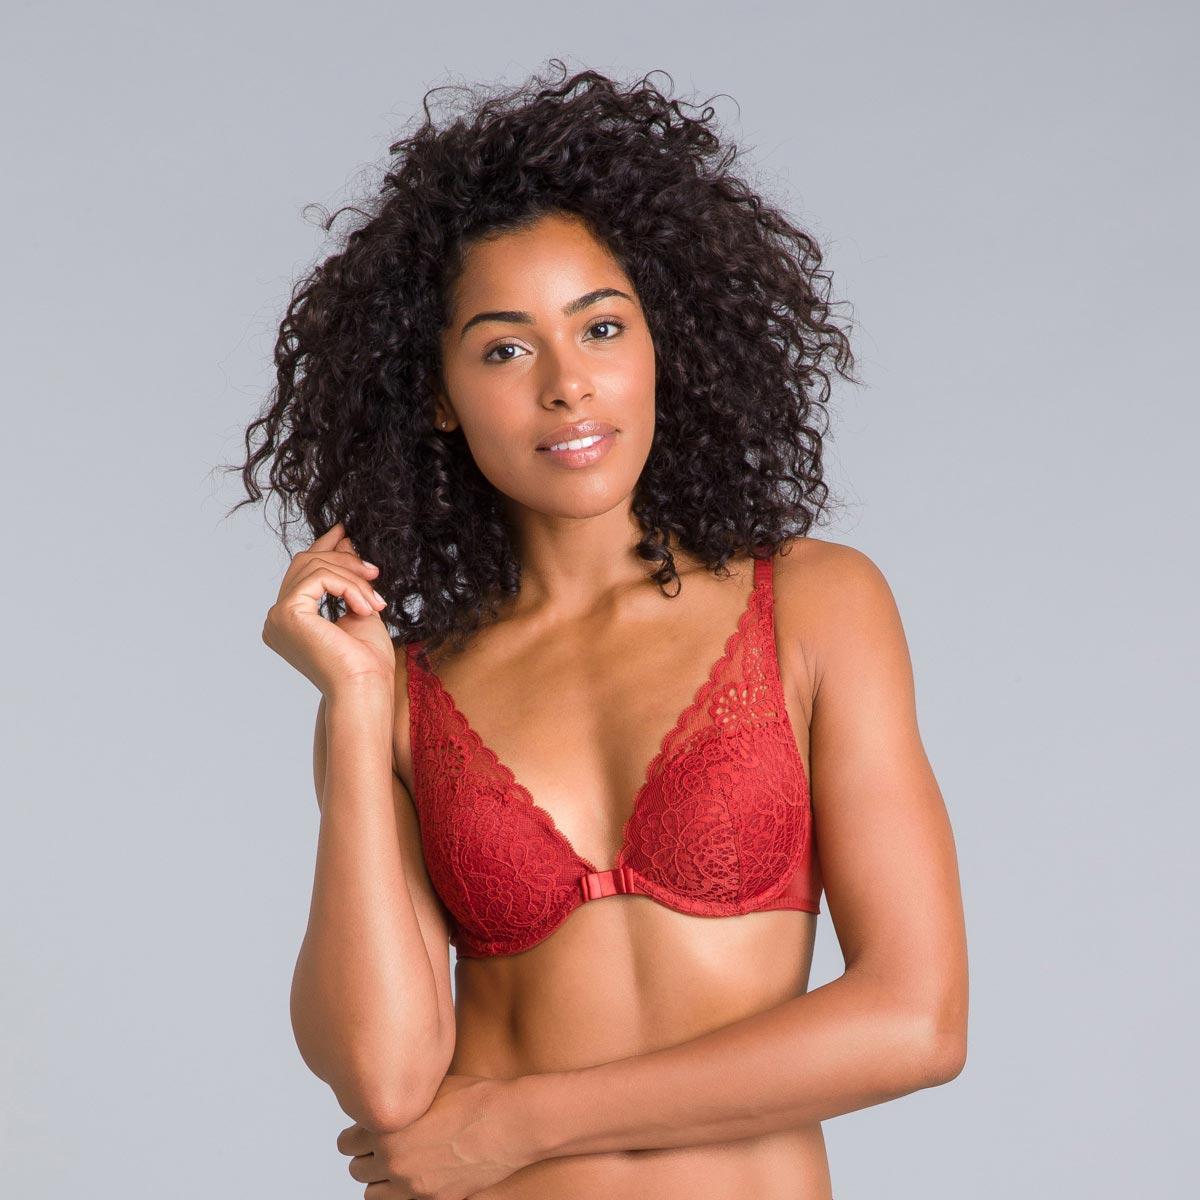 Soutien-gorge foulard push-up rouge cuivré Sublim Dentelle